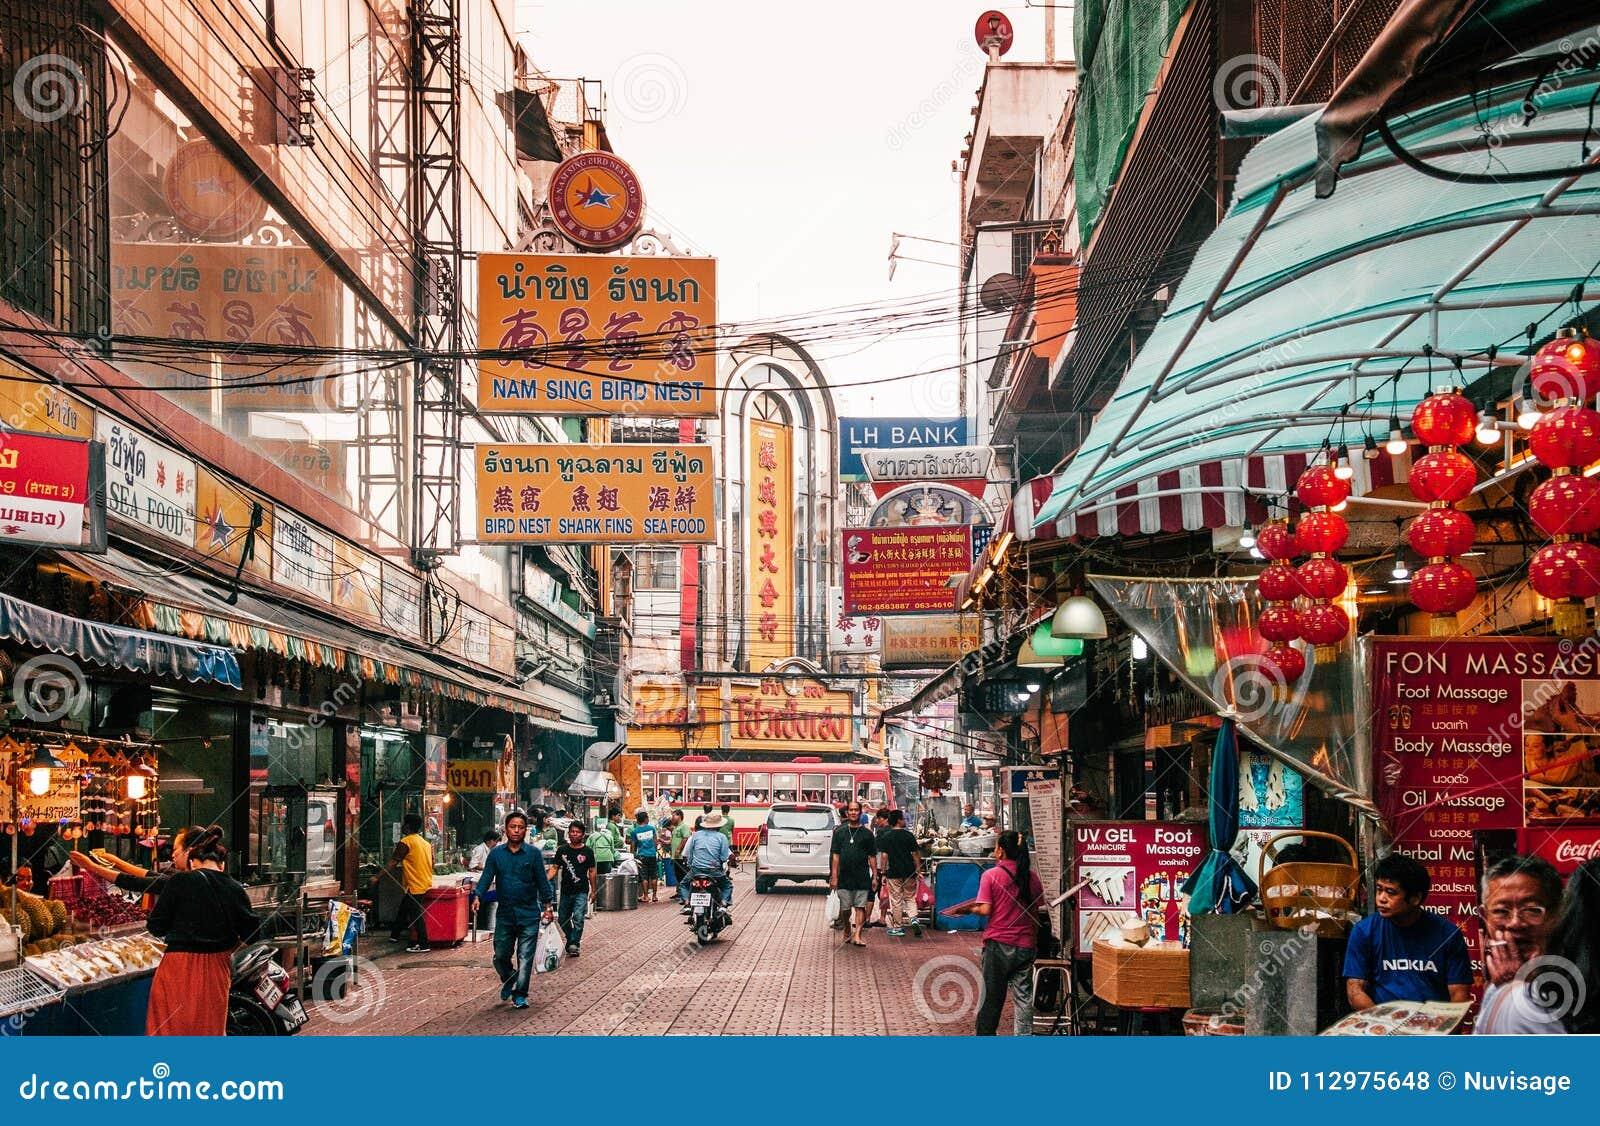 Busy street of Bangkok China town - Yaowarat